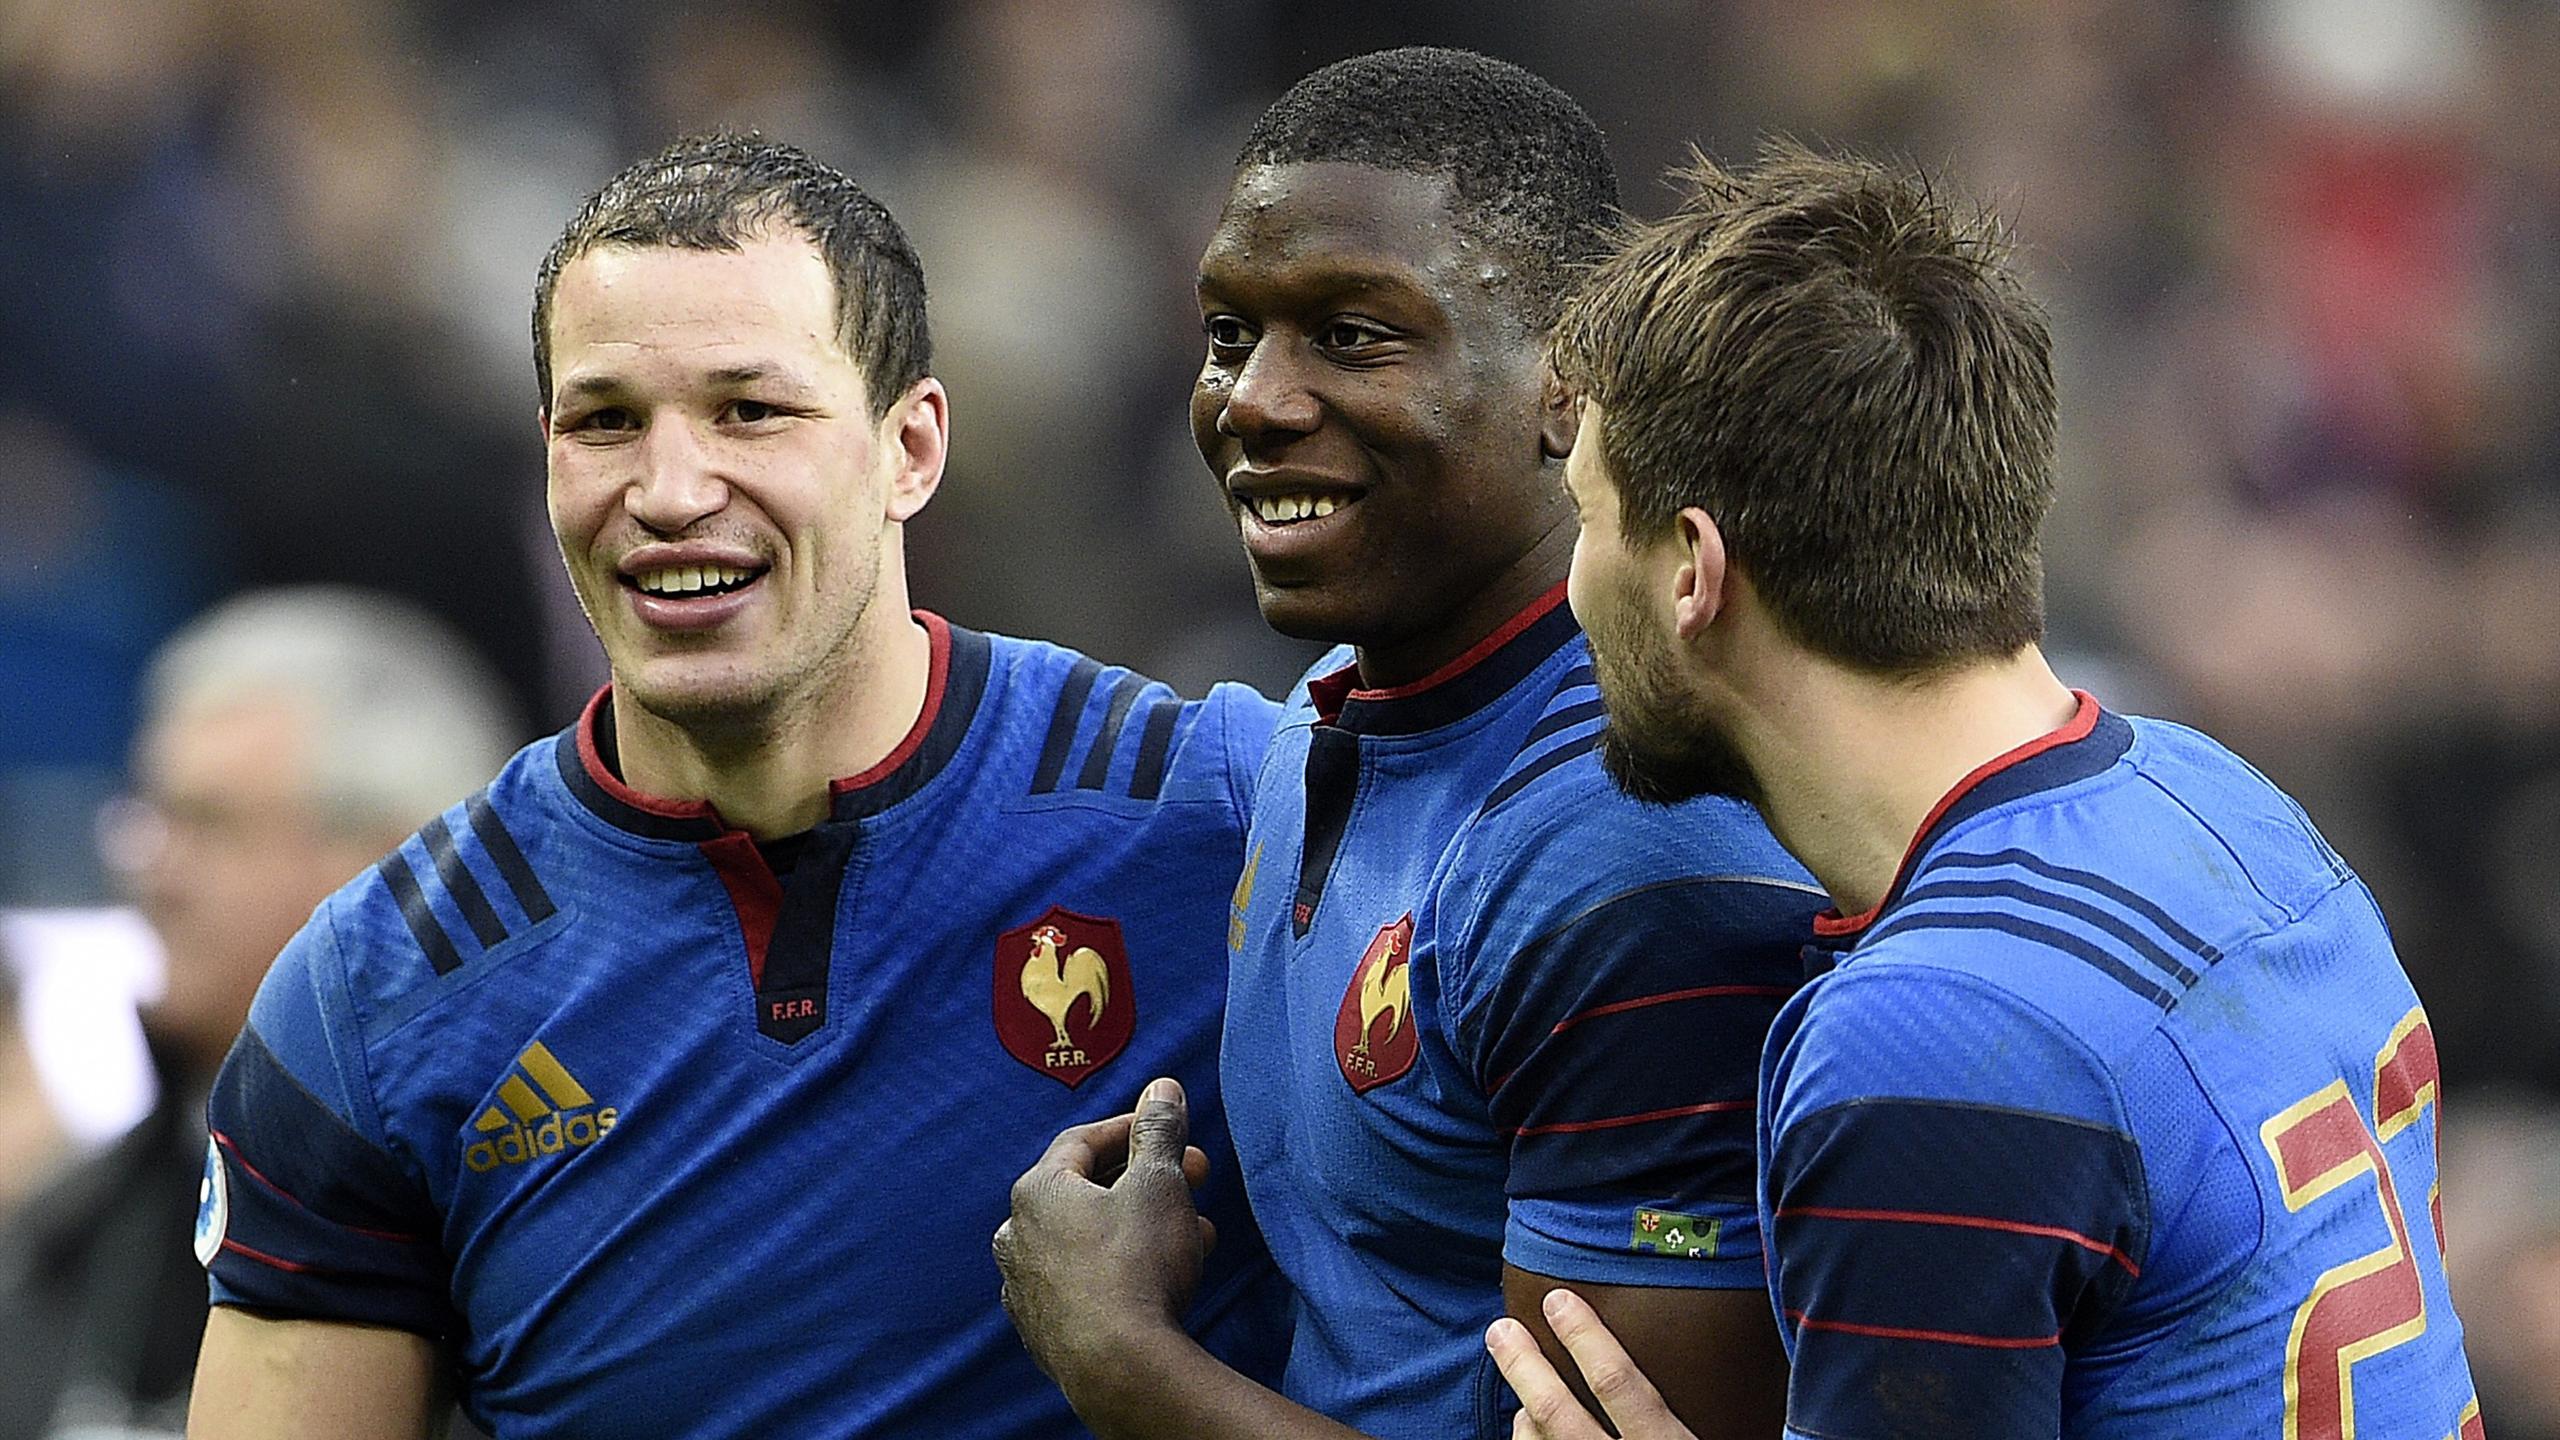 Wenceslas Lauret, Yacouba Camara et Hugo Bonneval (XV de France) - 13 février 2016